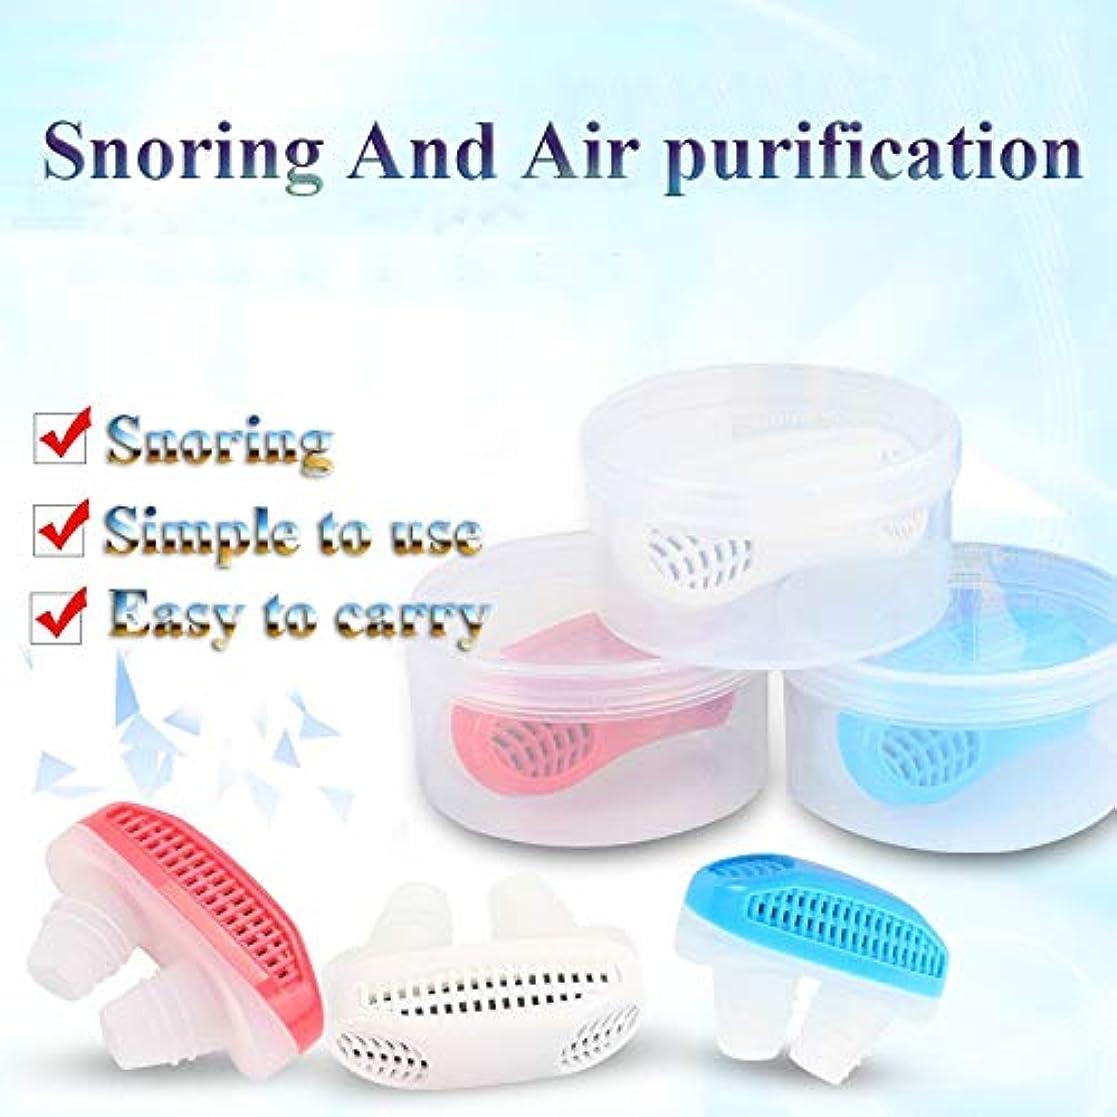 許す単独でファントムNOTE シリコーン止めいびき鼻クリップ抗いびき鼻拡張器無呼吸補助具鼻呼吸装置止めいびき止め具